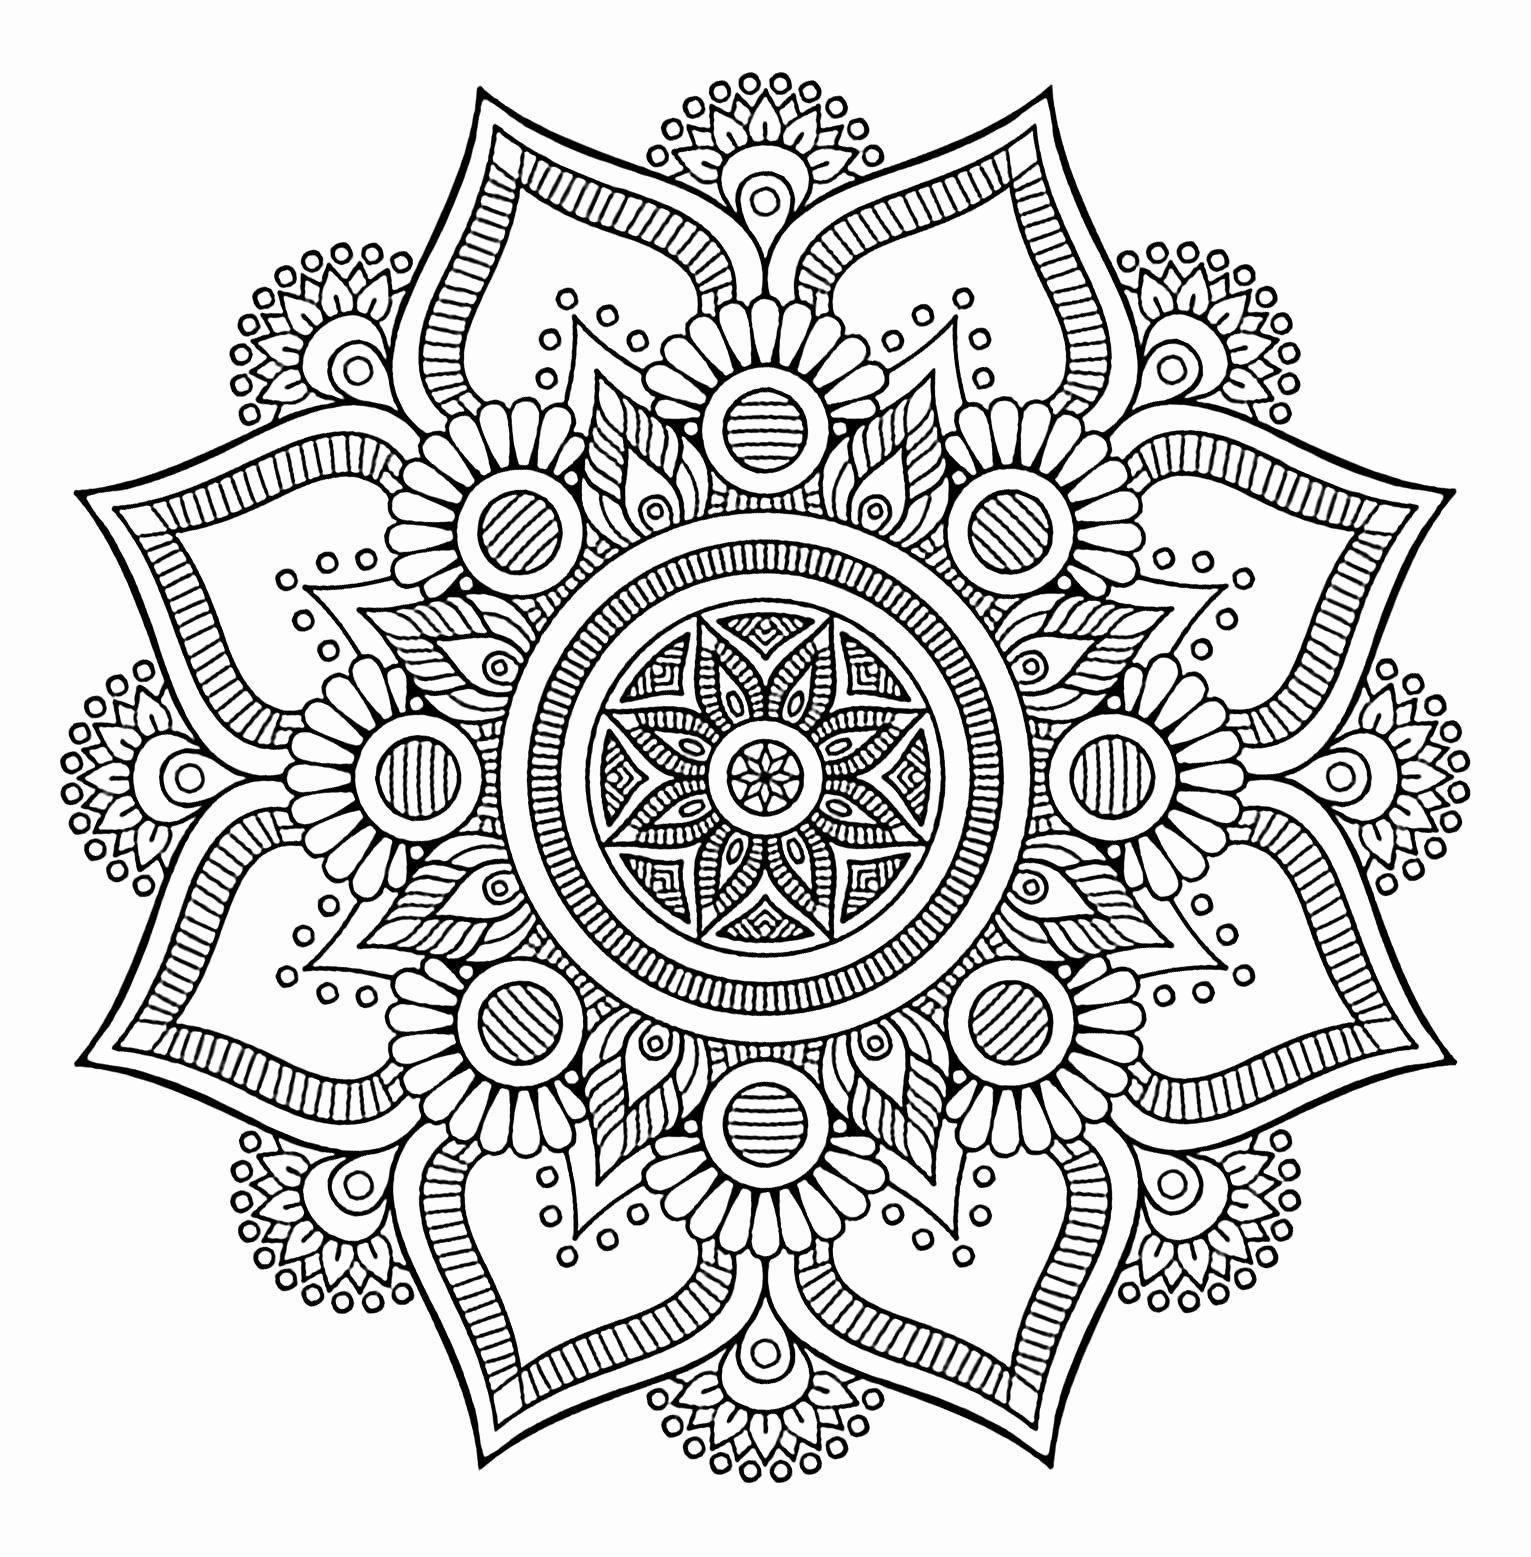 Coloring 8 Flowers Luxury Flower Mandalas To Color For Calm Flowers Healthy Mandala Coloring Mandala Coloring Pages Abstract Coloring Pages